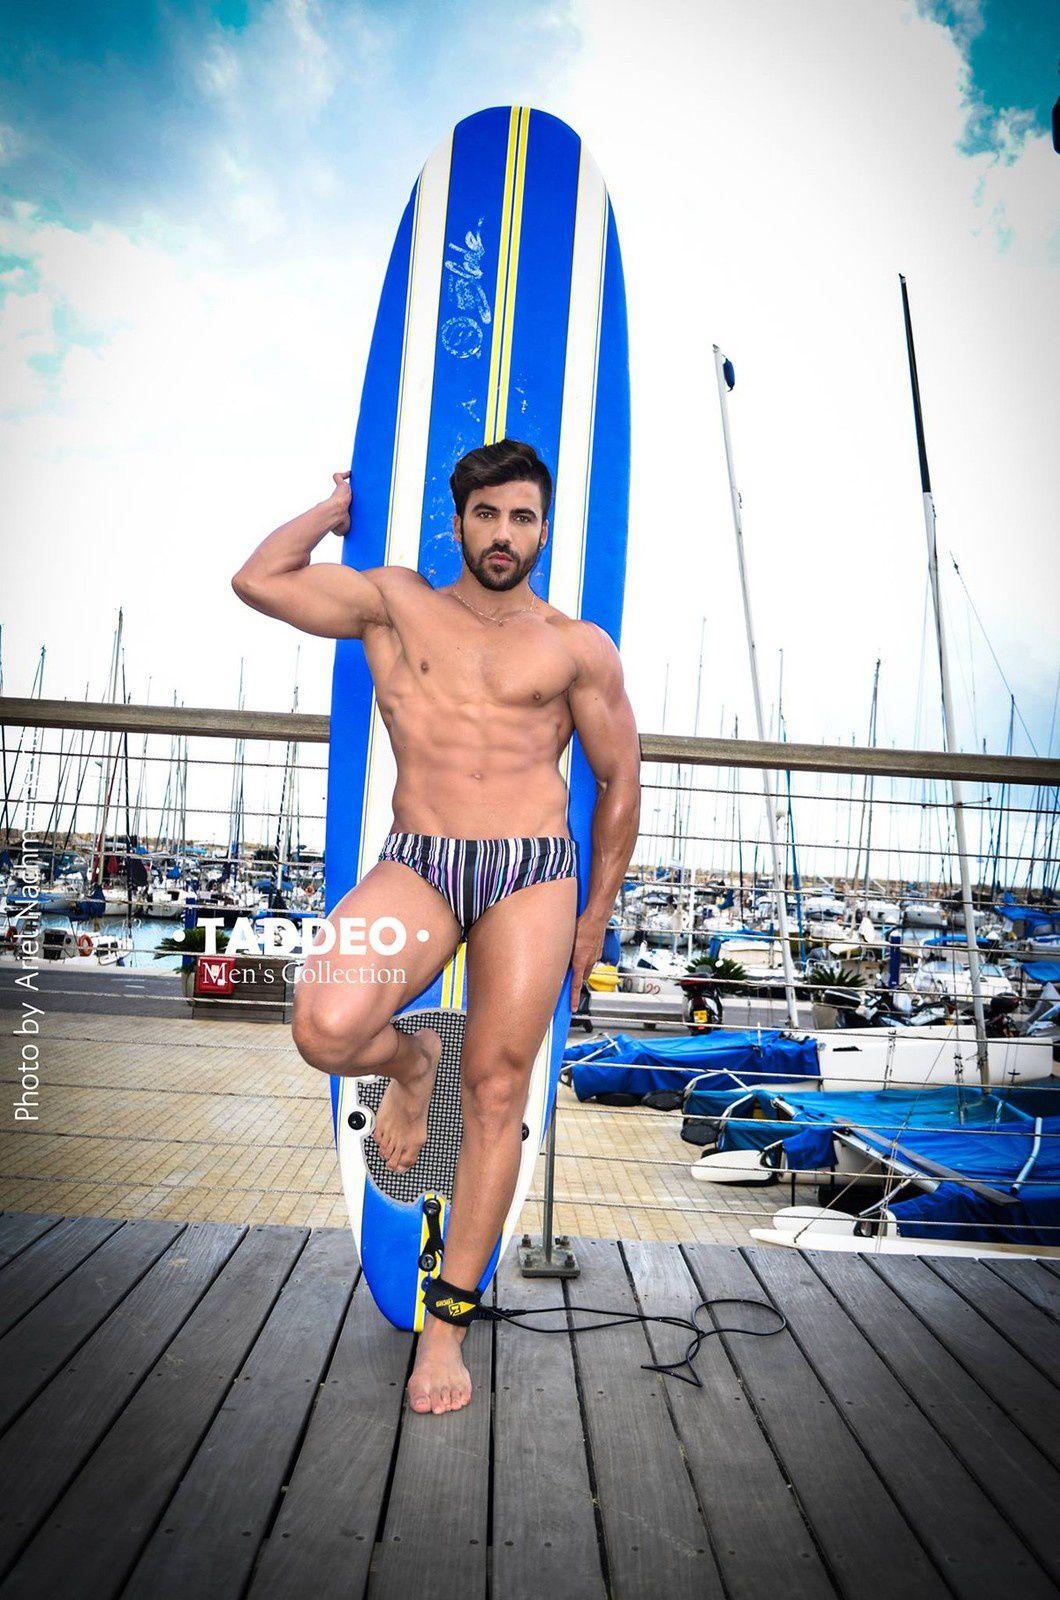 Taddeo : Underwear & Swimwear